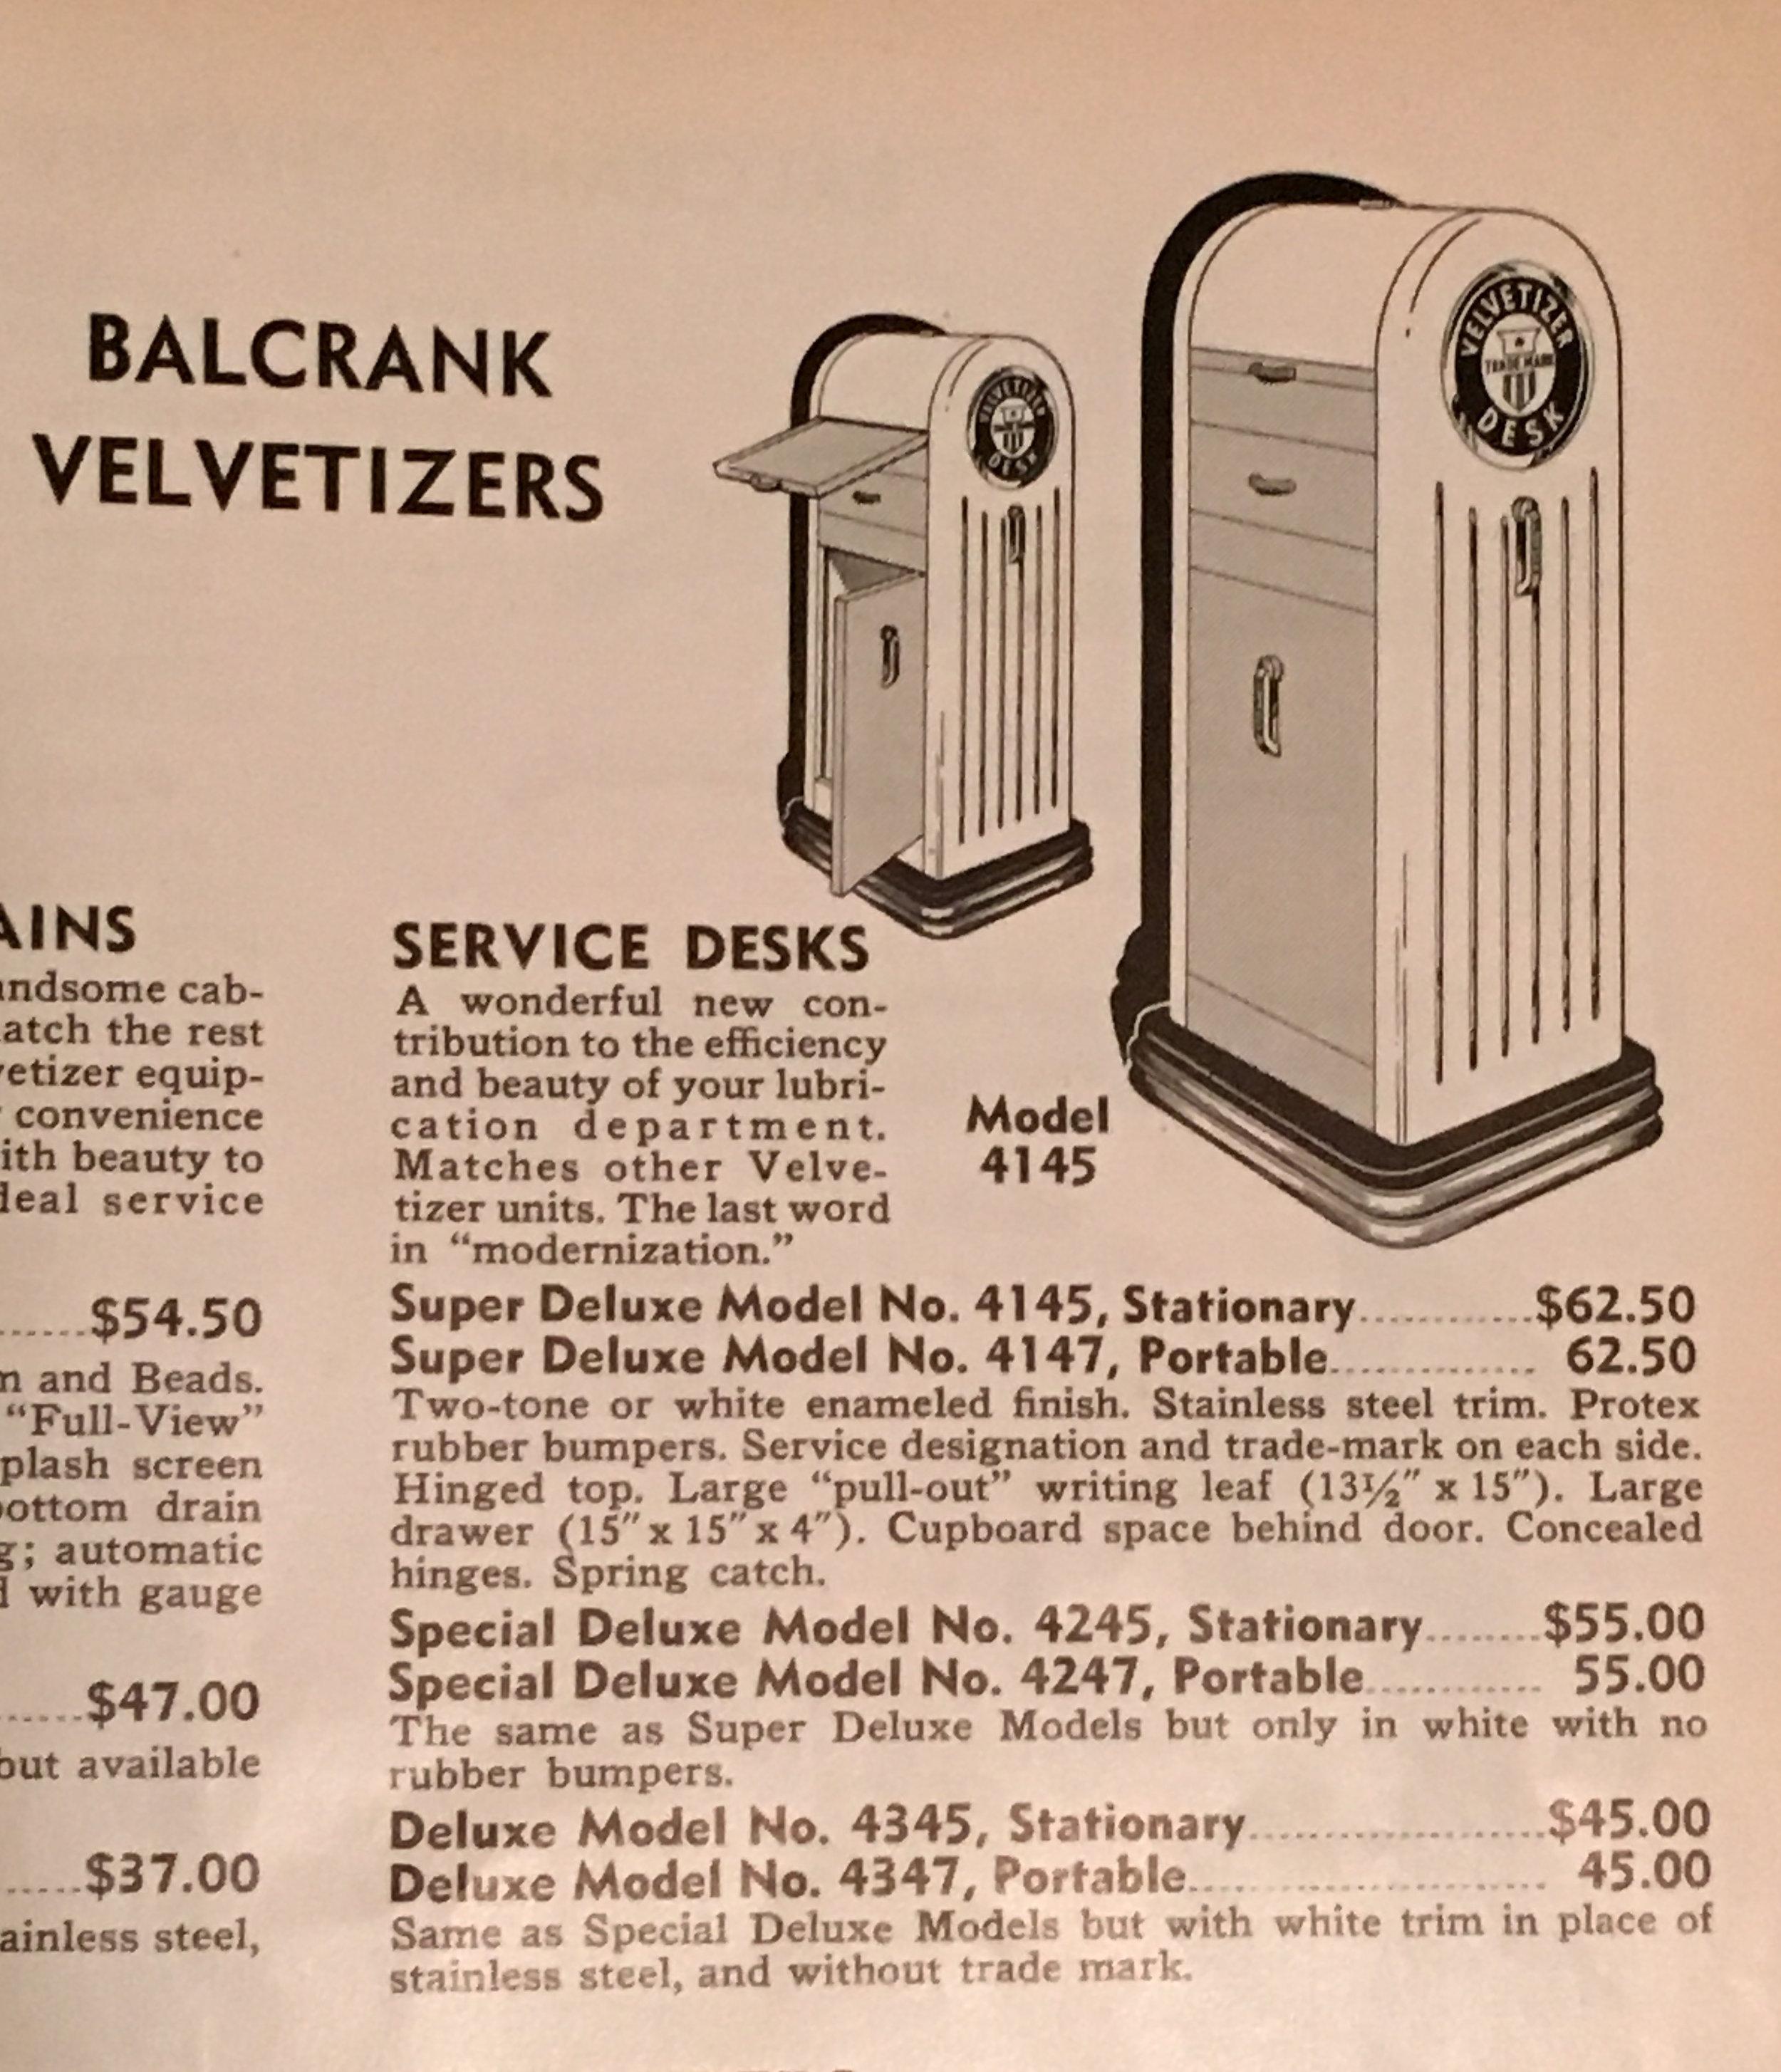 Balcrank_ServiceDesk.JPG